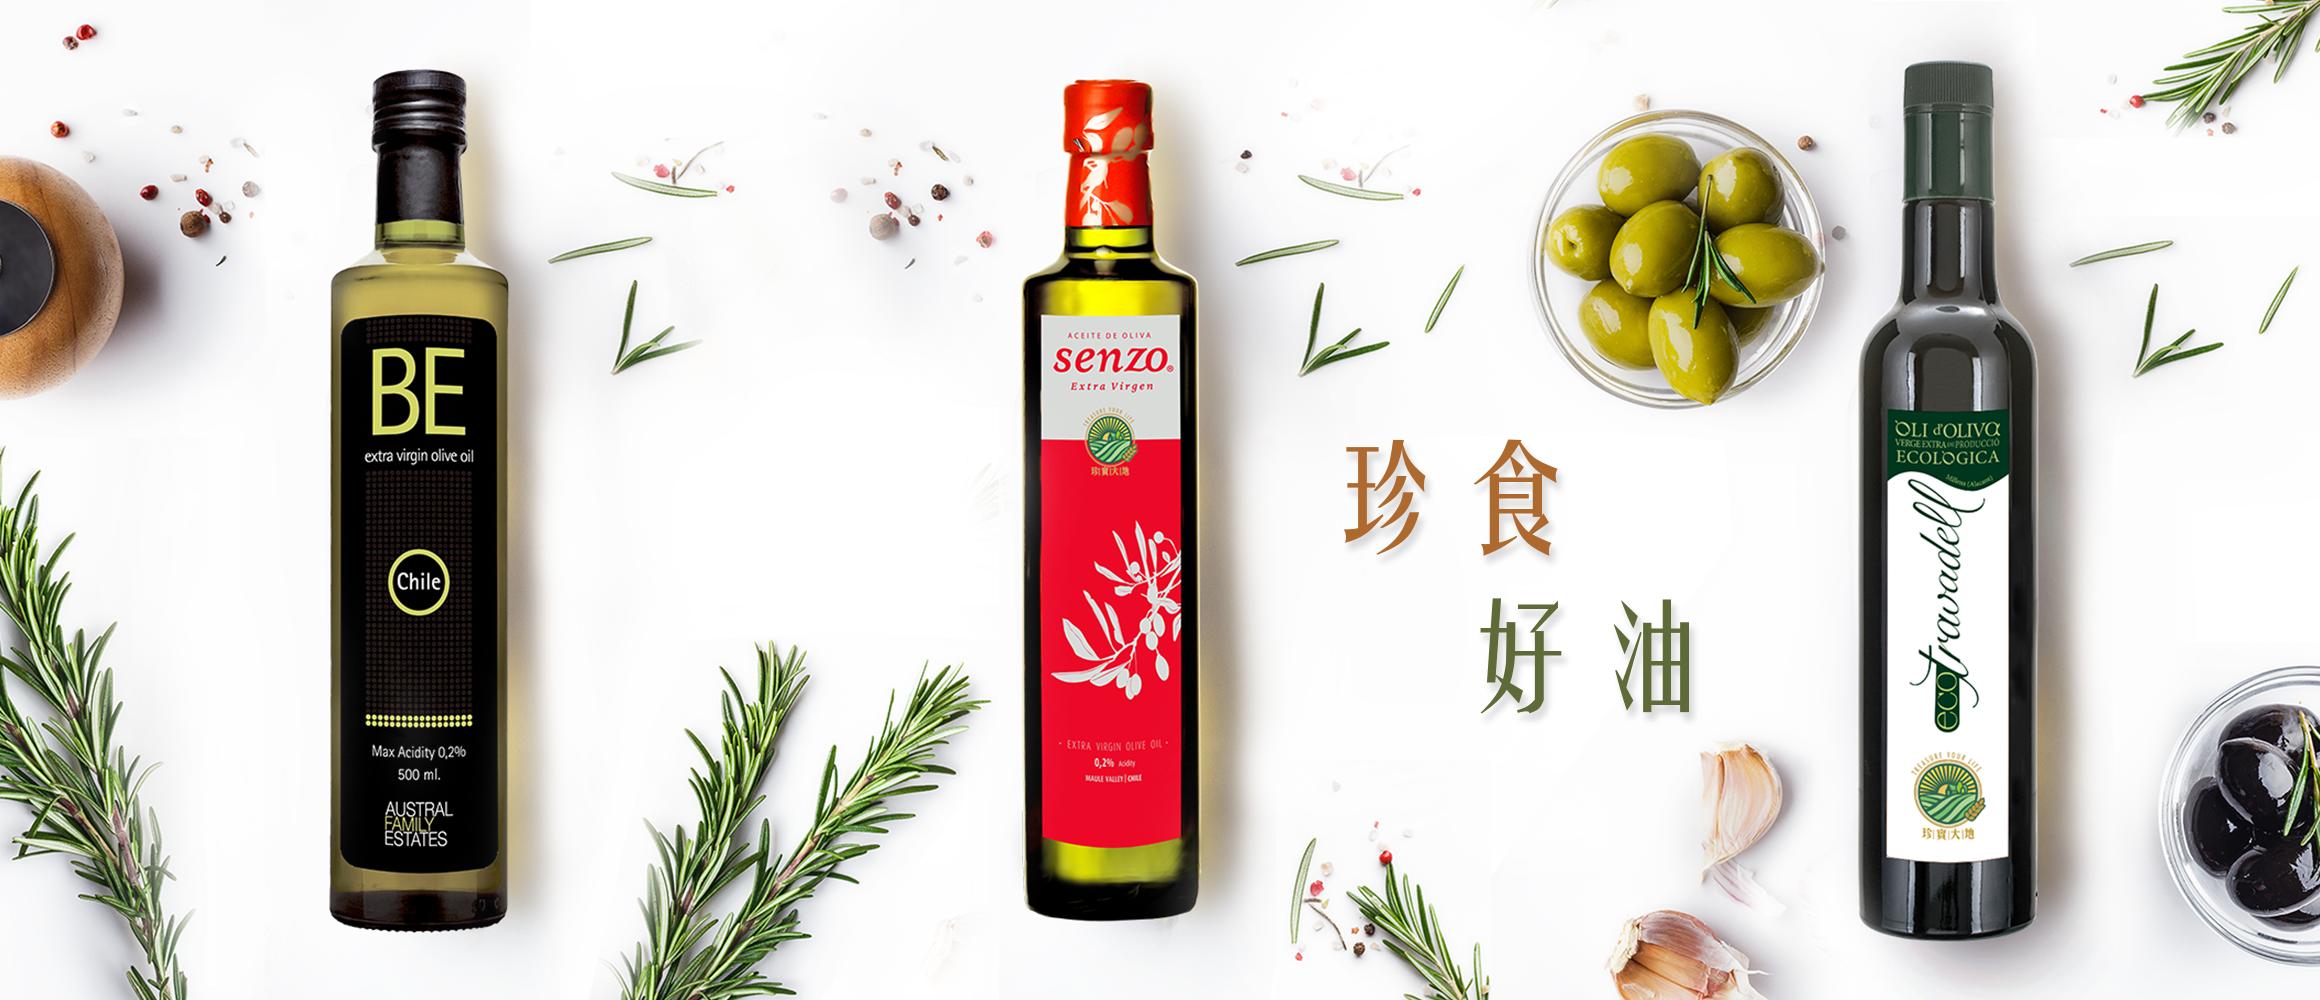 珍實大地-幸福嘸比|官網 | Extra virgin olive oil